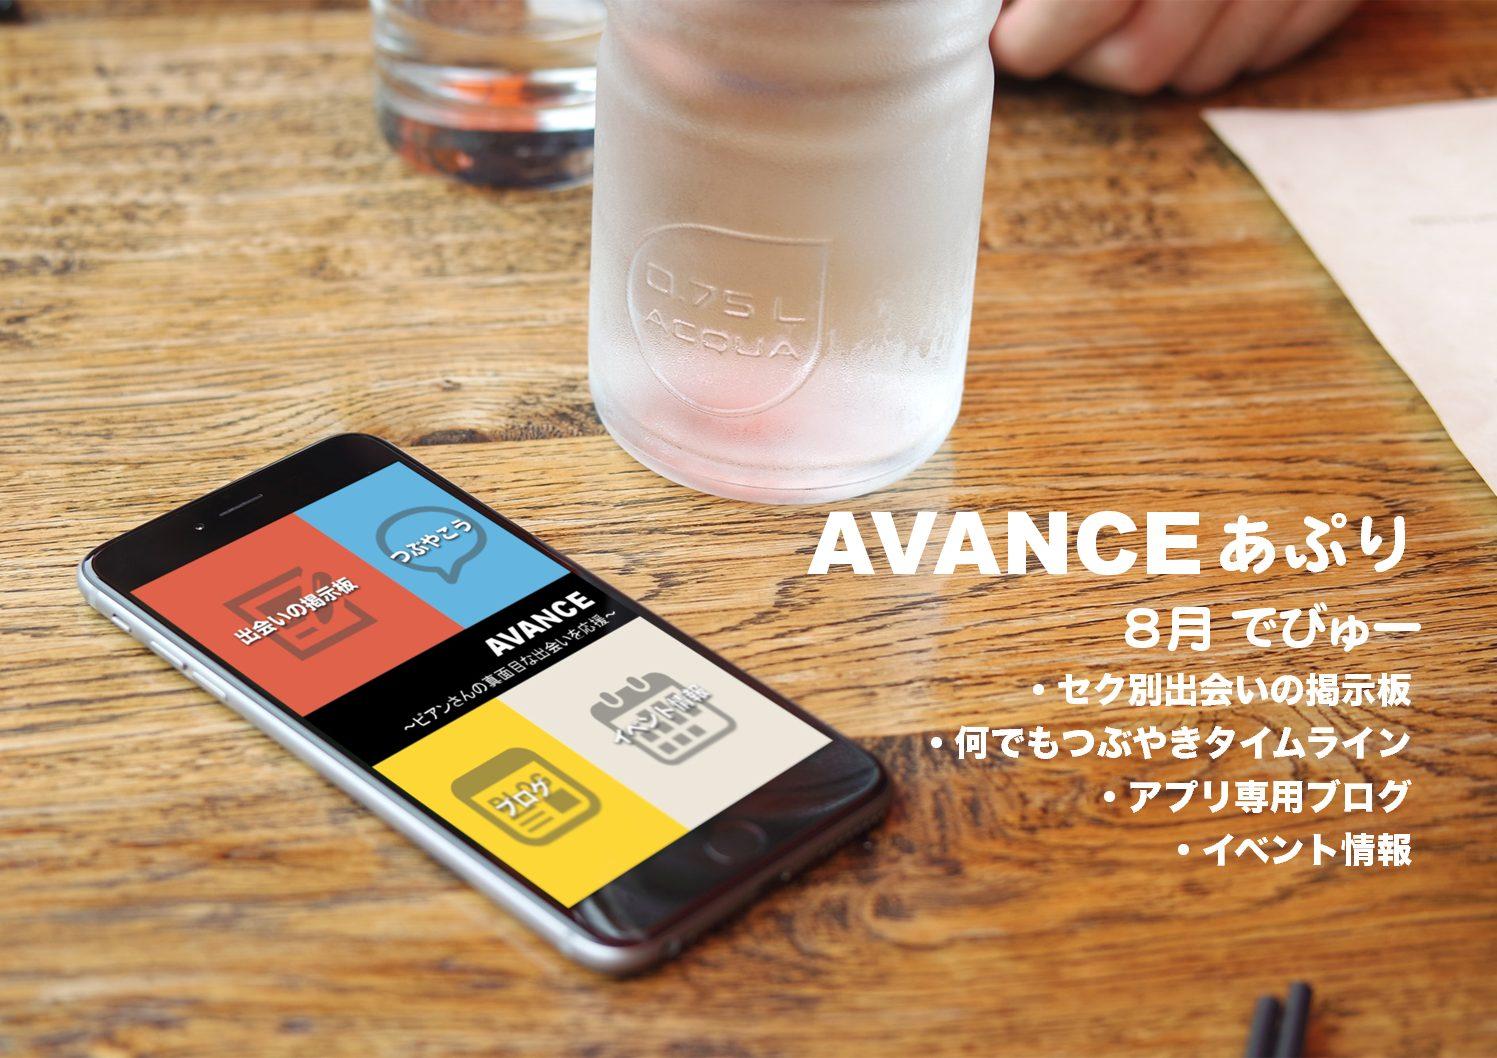 ビアンさん専用アプリ 〜2万ダウンロード突破〜